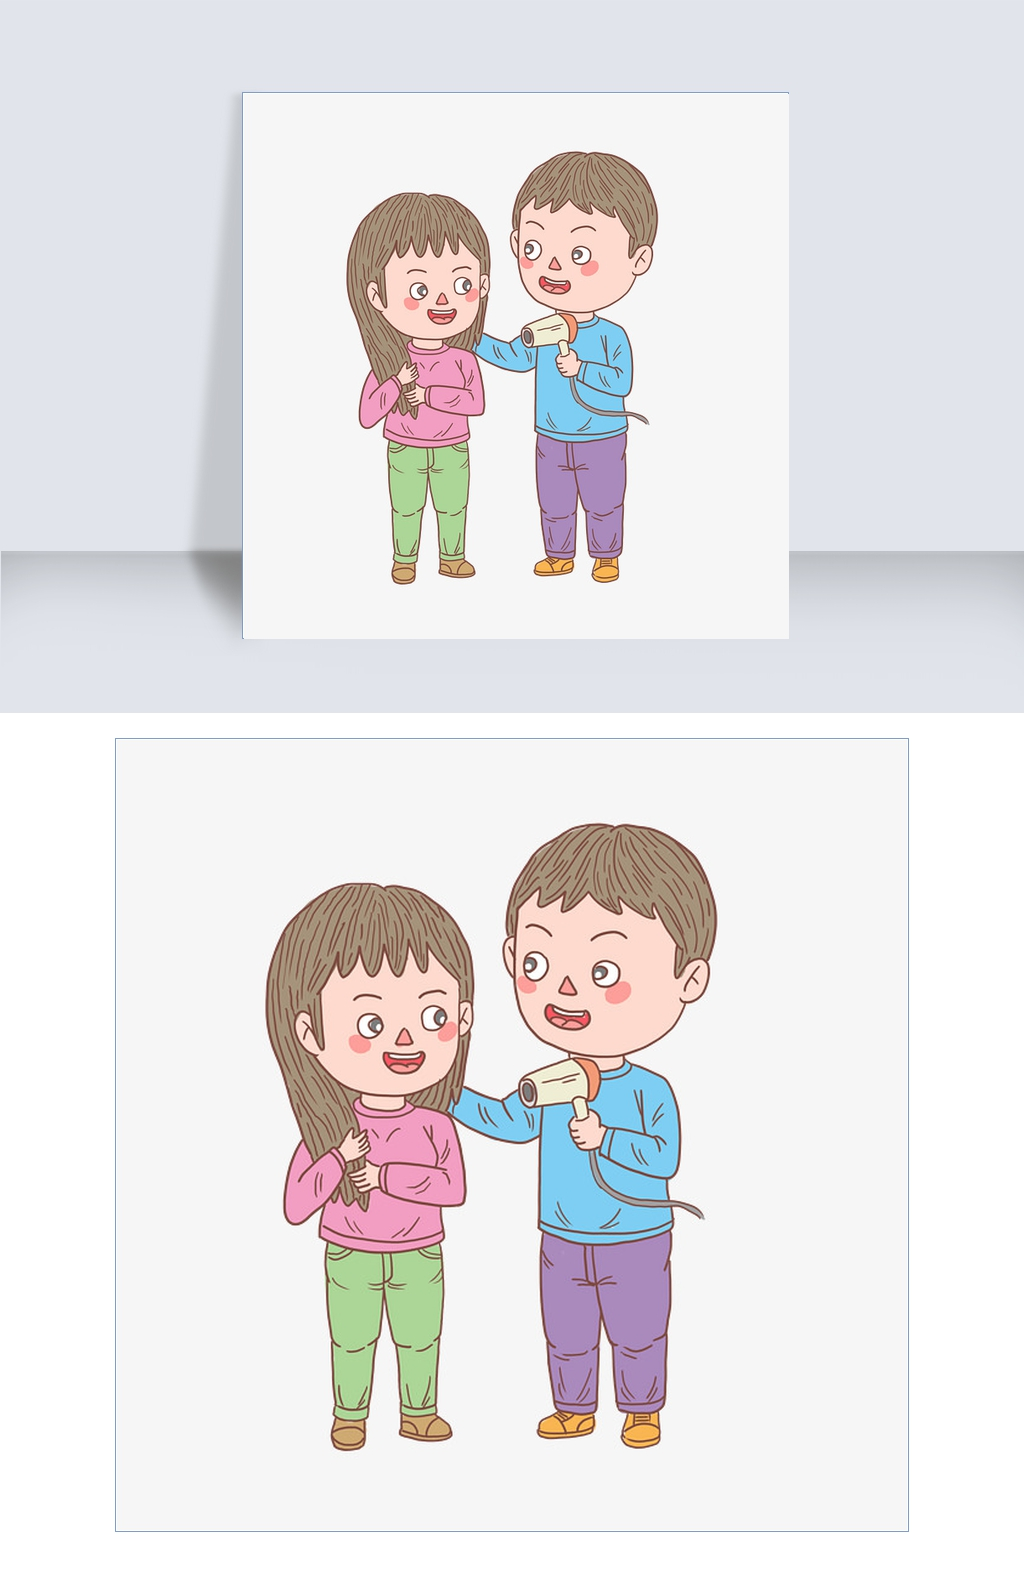 卡通手绘人物谈吹头发情侣图片素材 PSB格式 下载 动漫人物大全